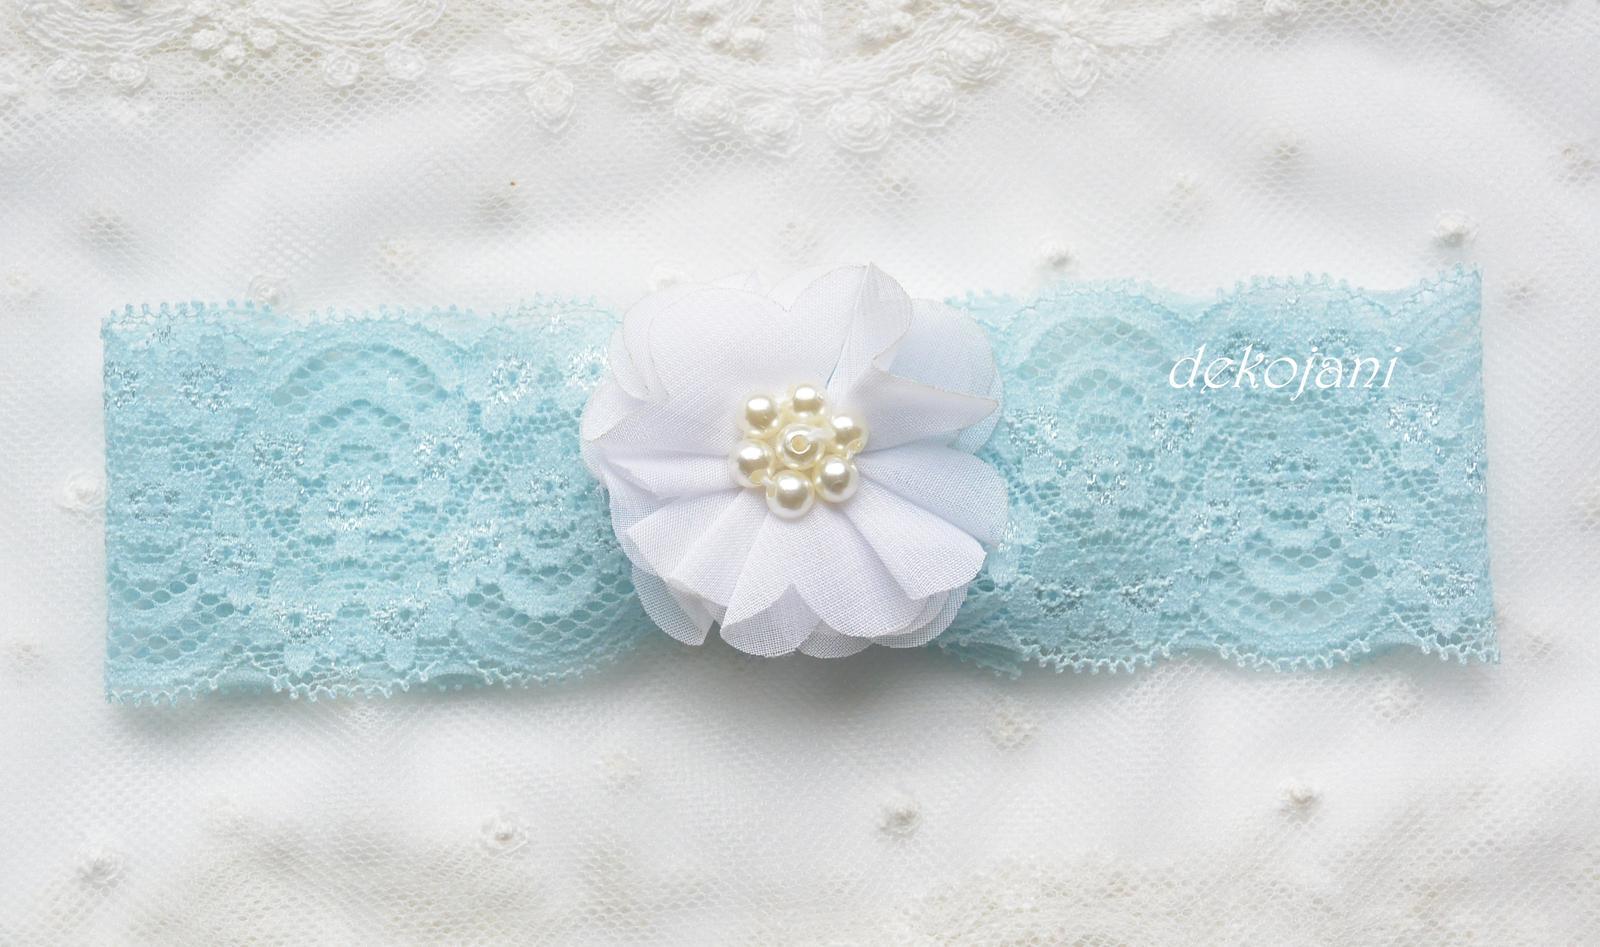 Luxusní svatební doplňky a dekorace. - Obrázek č. 21